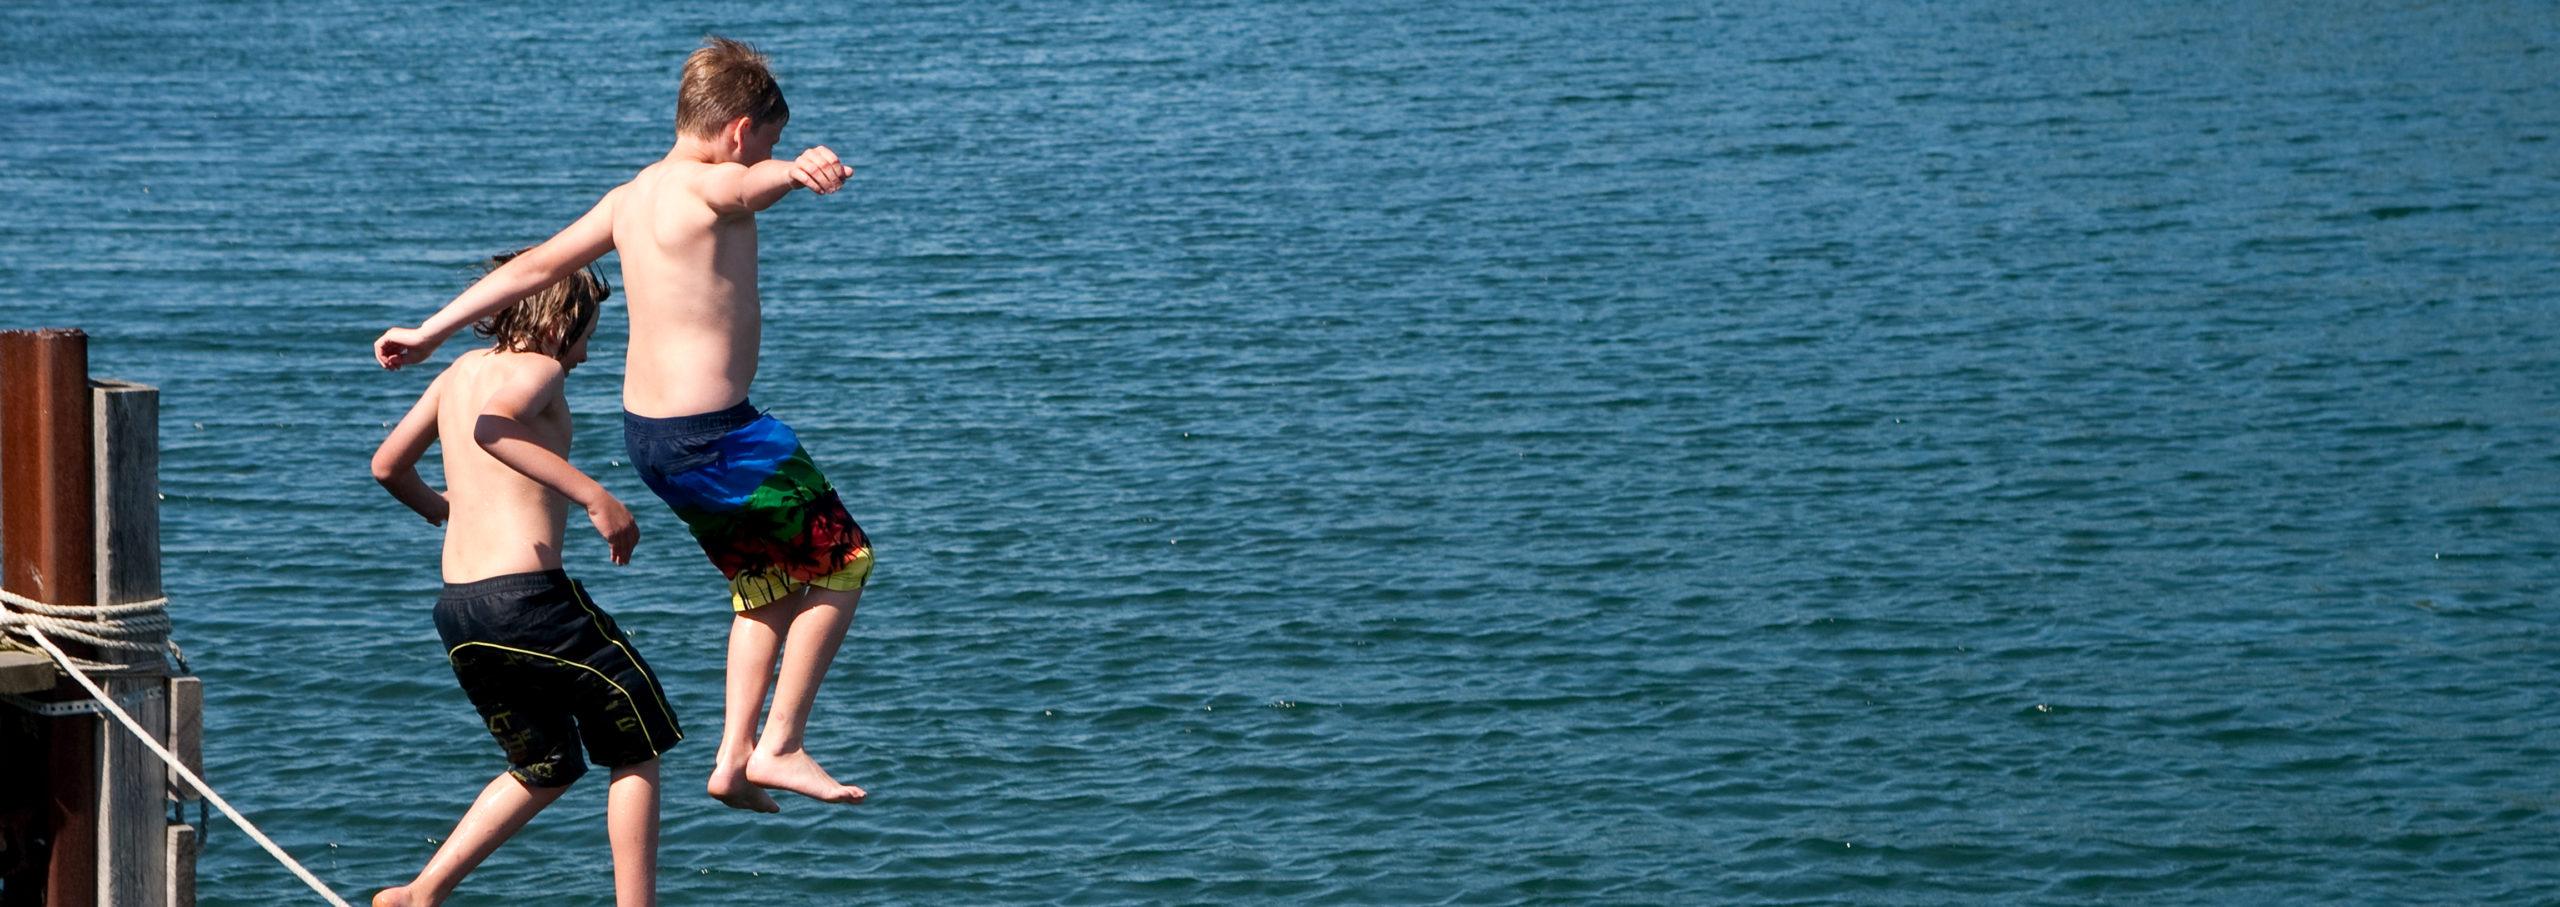 Barn hoppar i vattnet